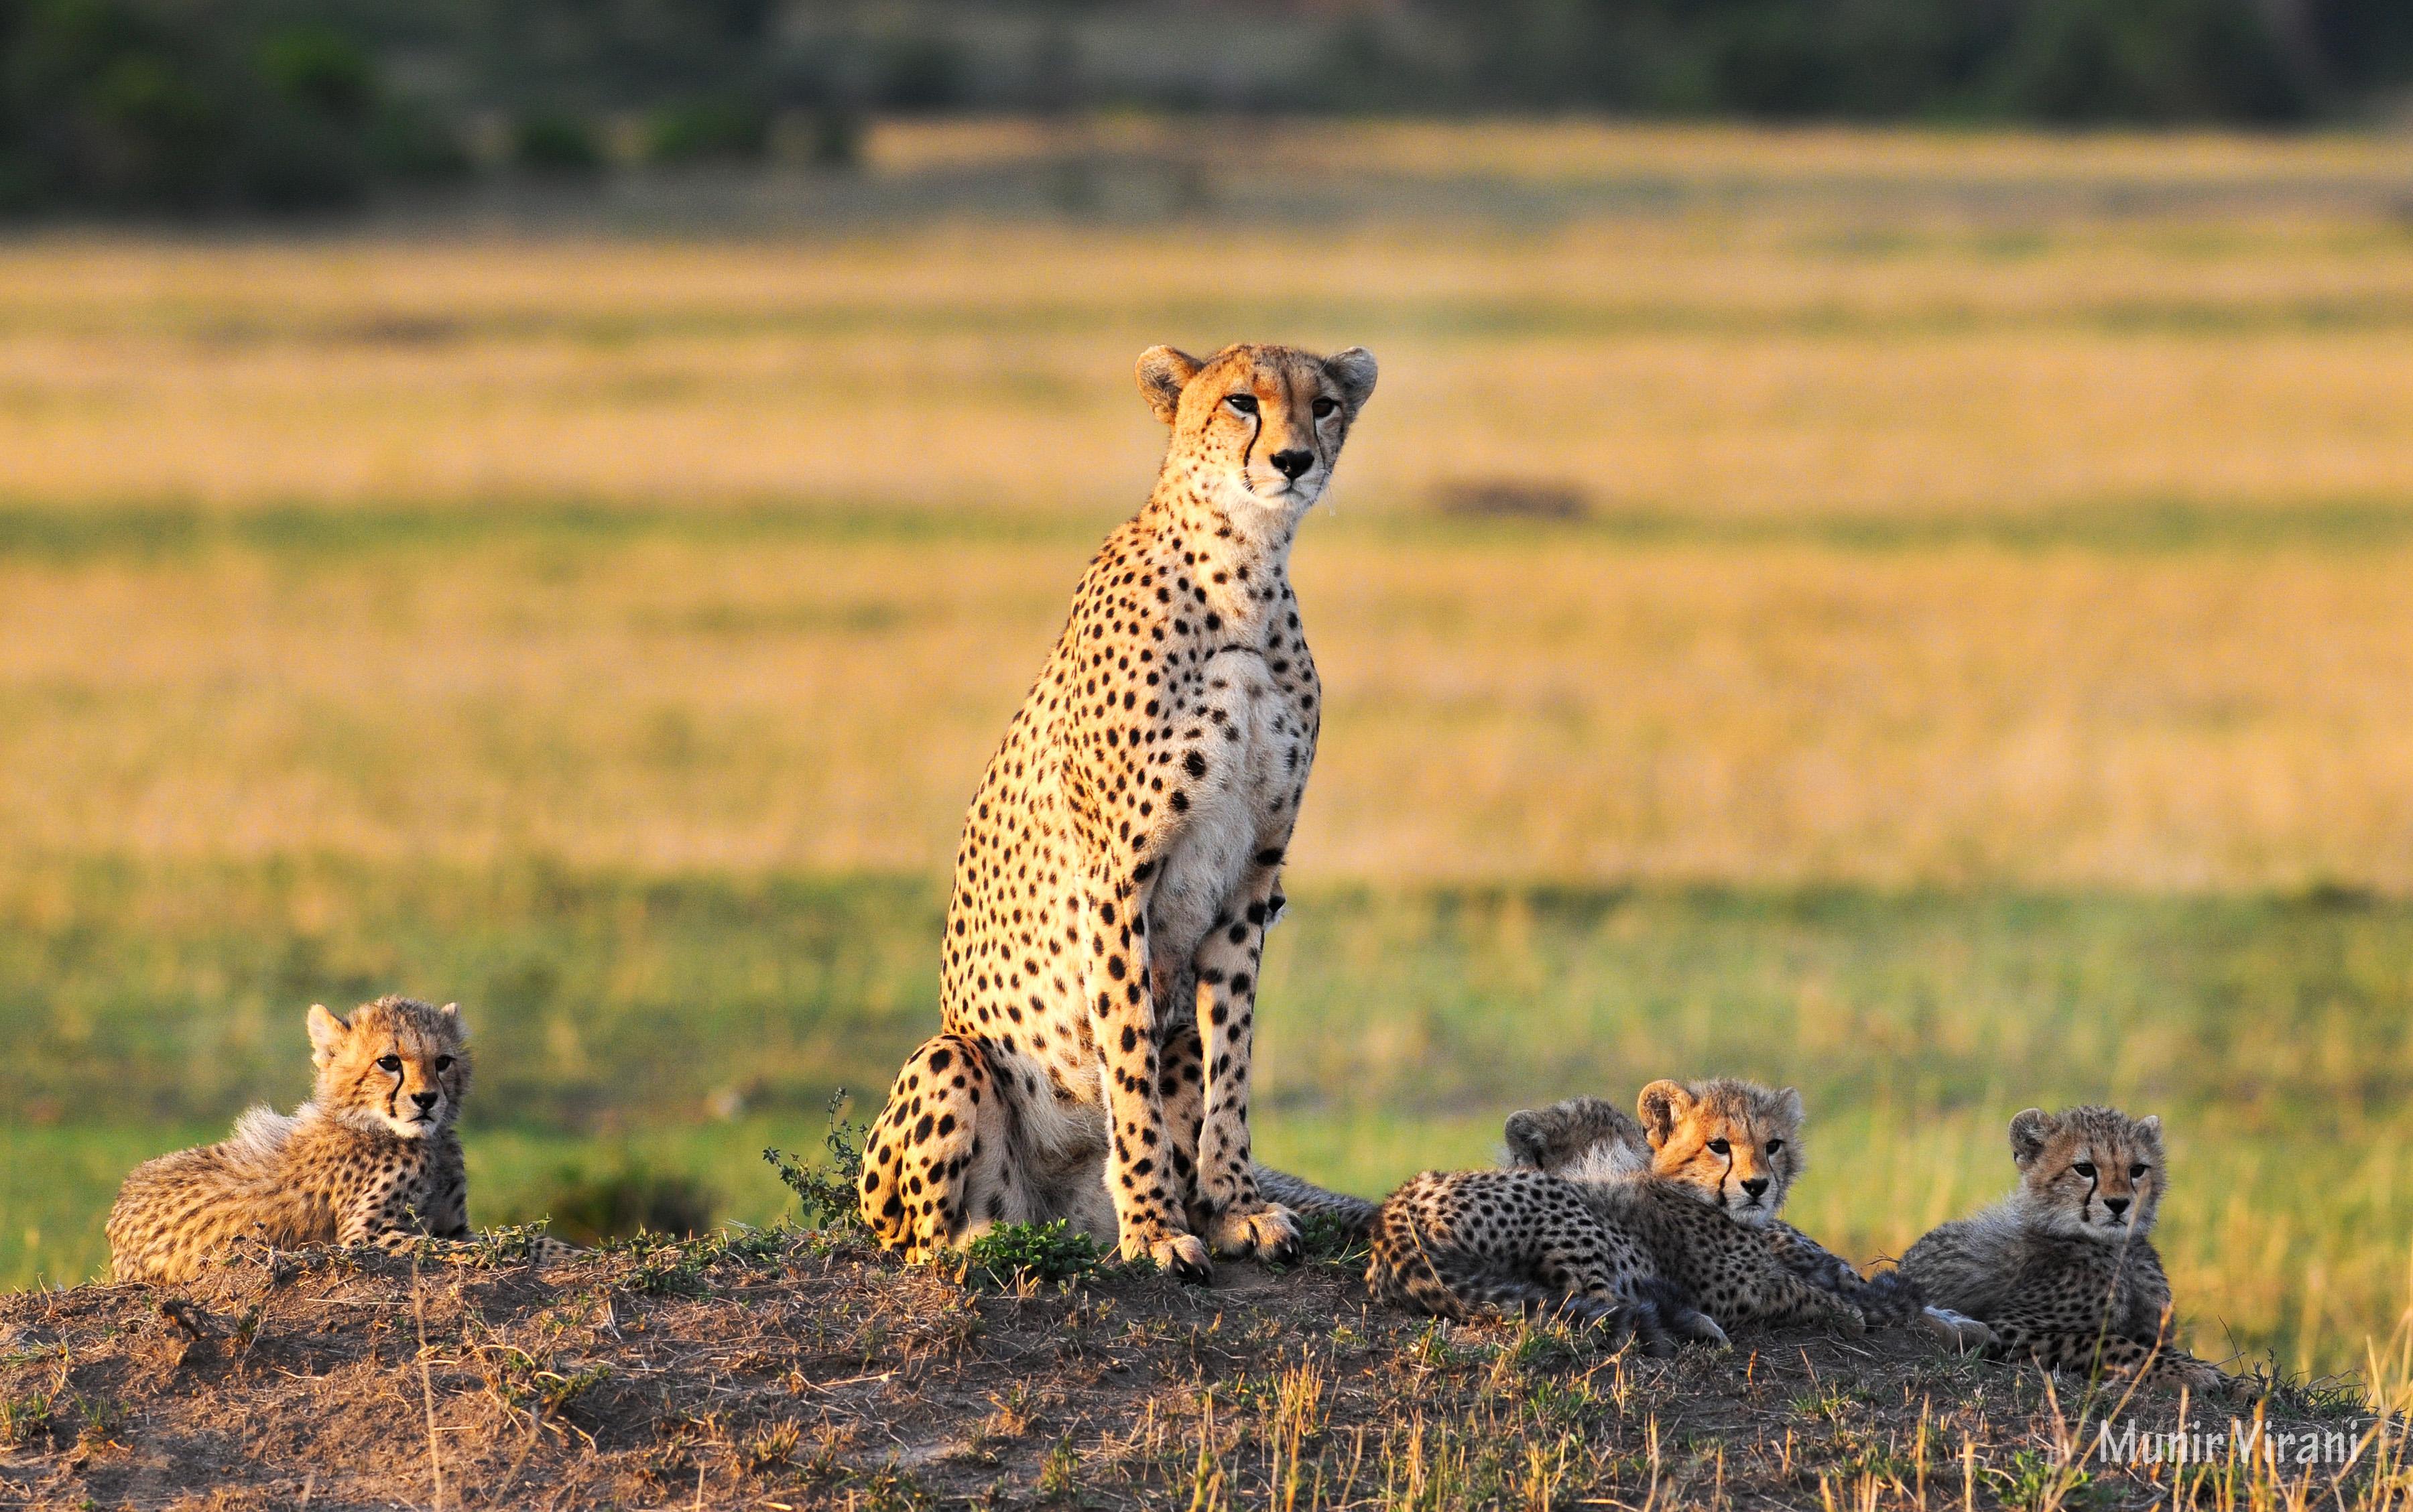 Tipilikwani Mara Camp - Masai Mara (37)